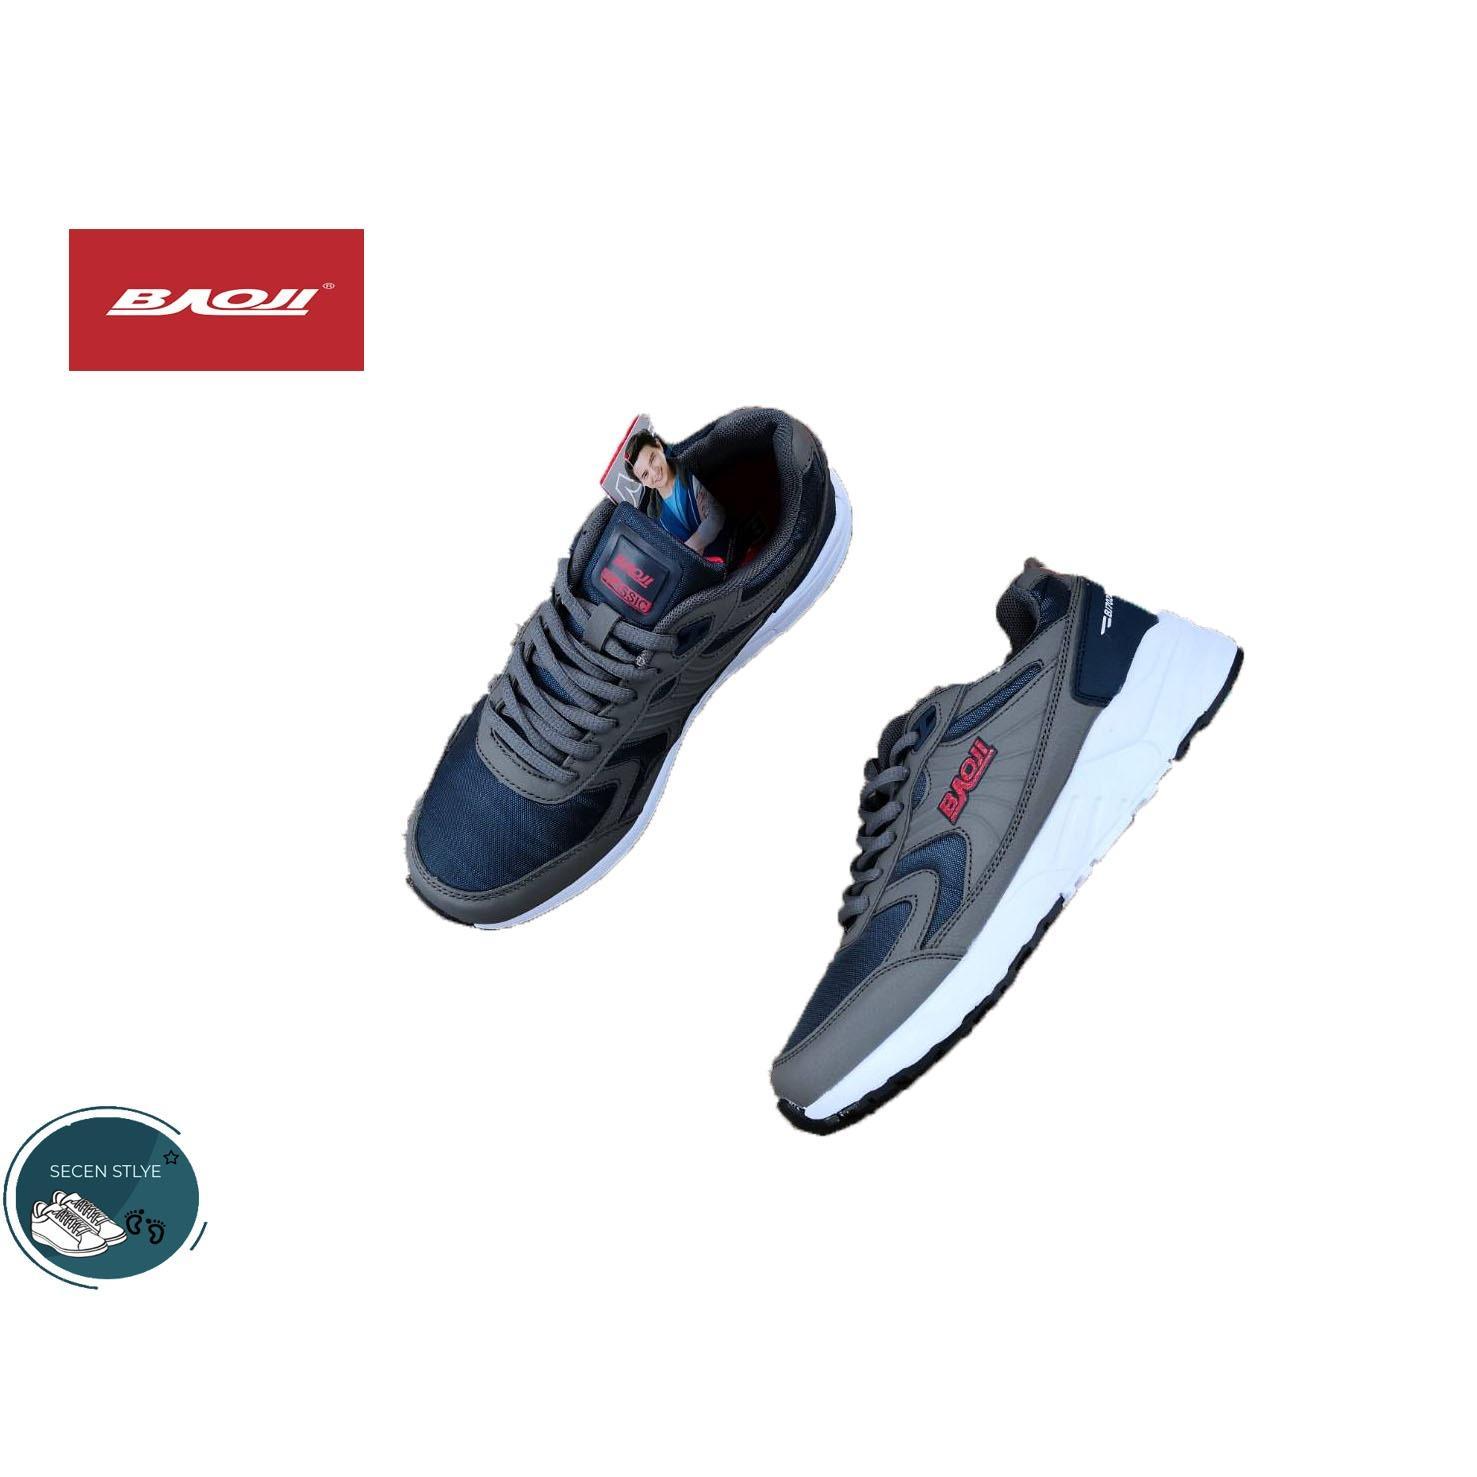 ราคา Baoji แท้ รุ่น Bjm 242 สำหรับผู้ชาย รองเท้าผ้าใบ สวมใส่สบาย เบา สามารถใส่เล่นกีฬาได้ สีเทา นาวี